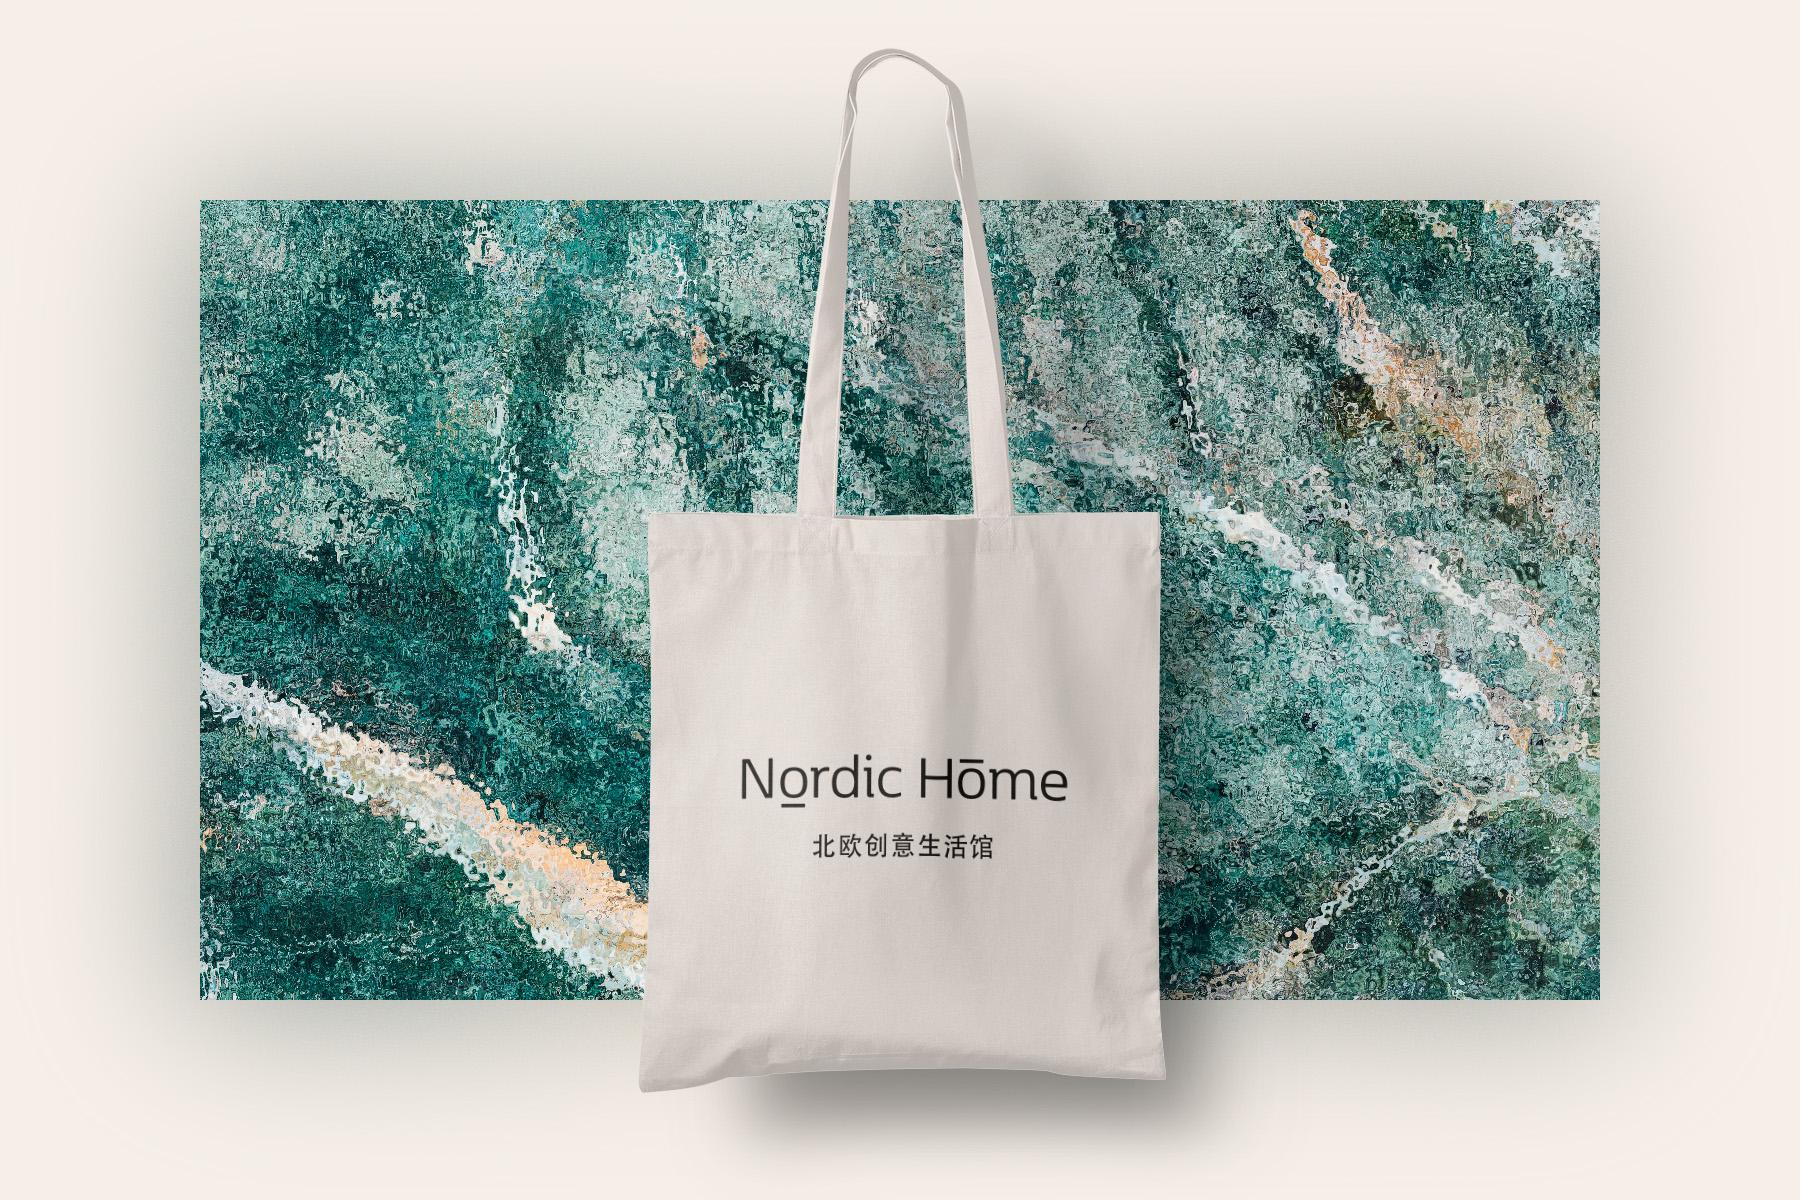 NordicHome_EskildHansen_09